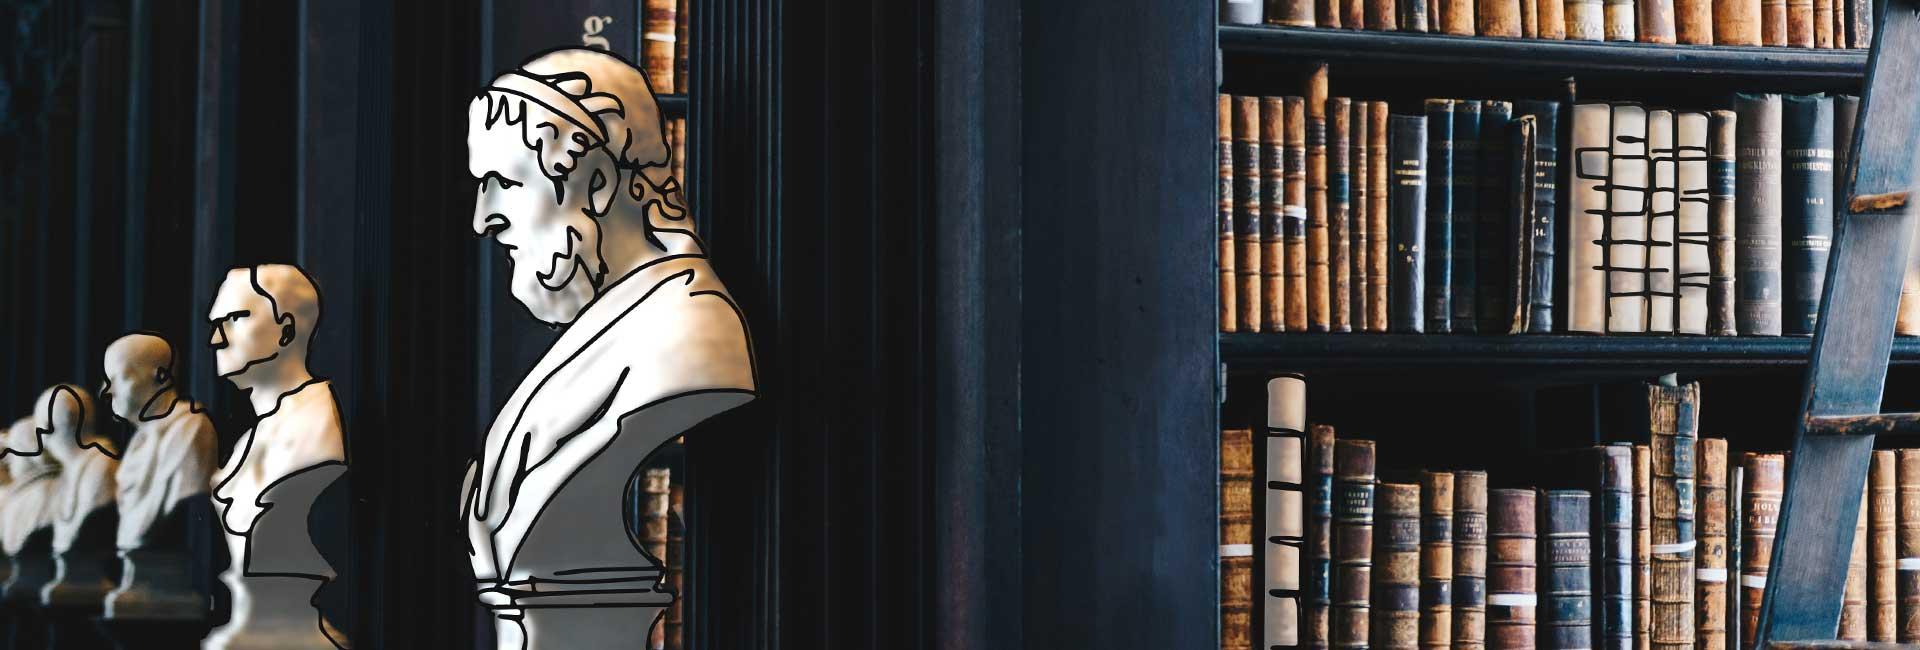 Immagine di una biblioteca adorna da busti di marmo